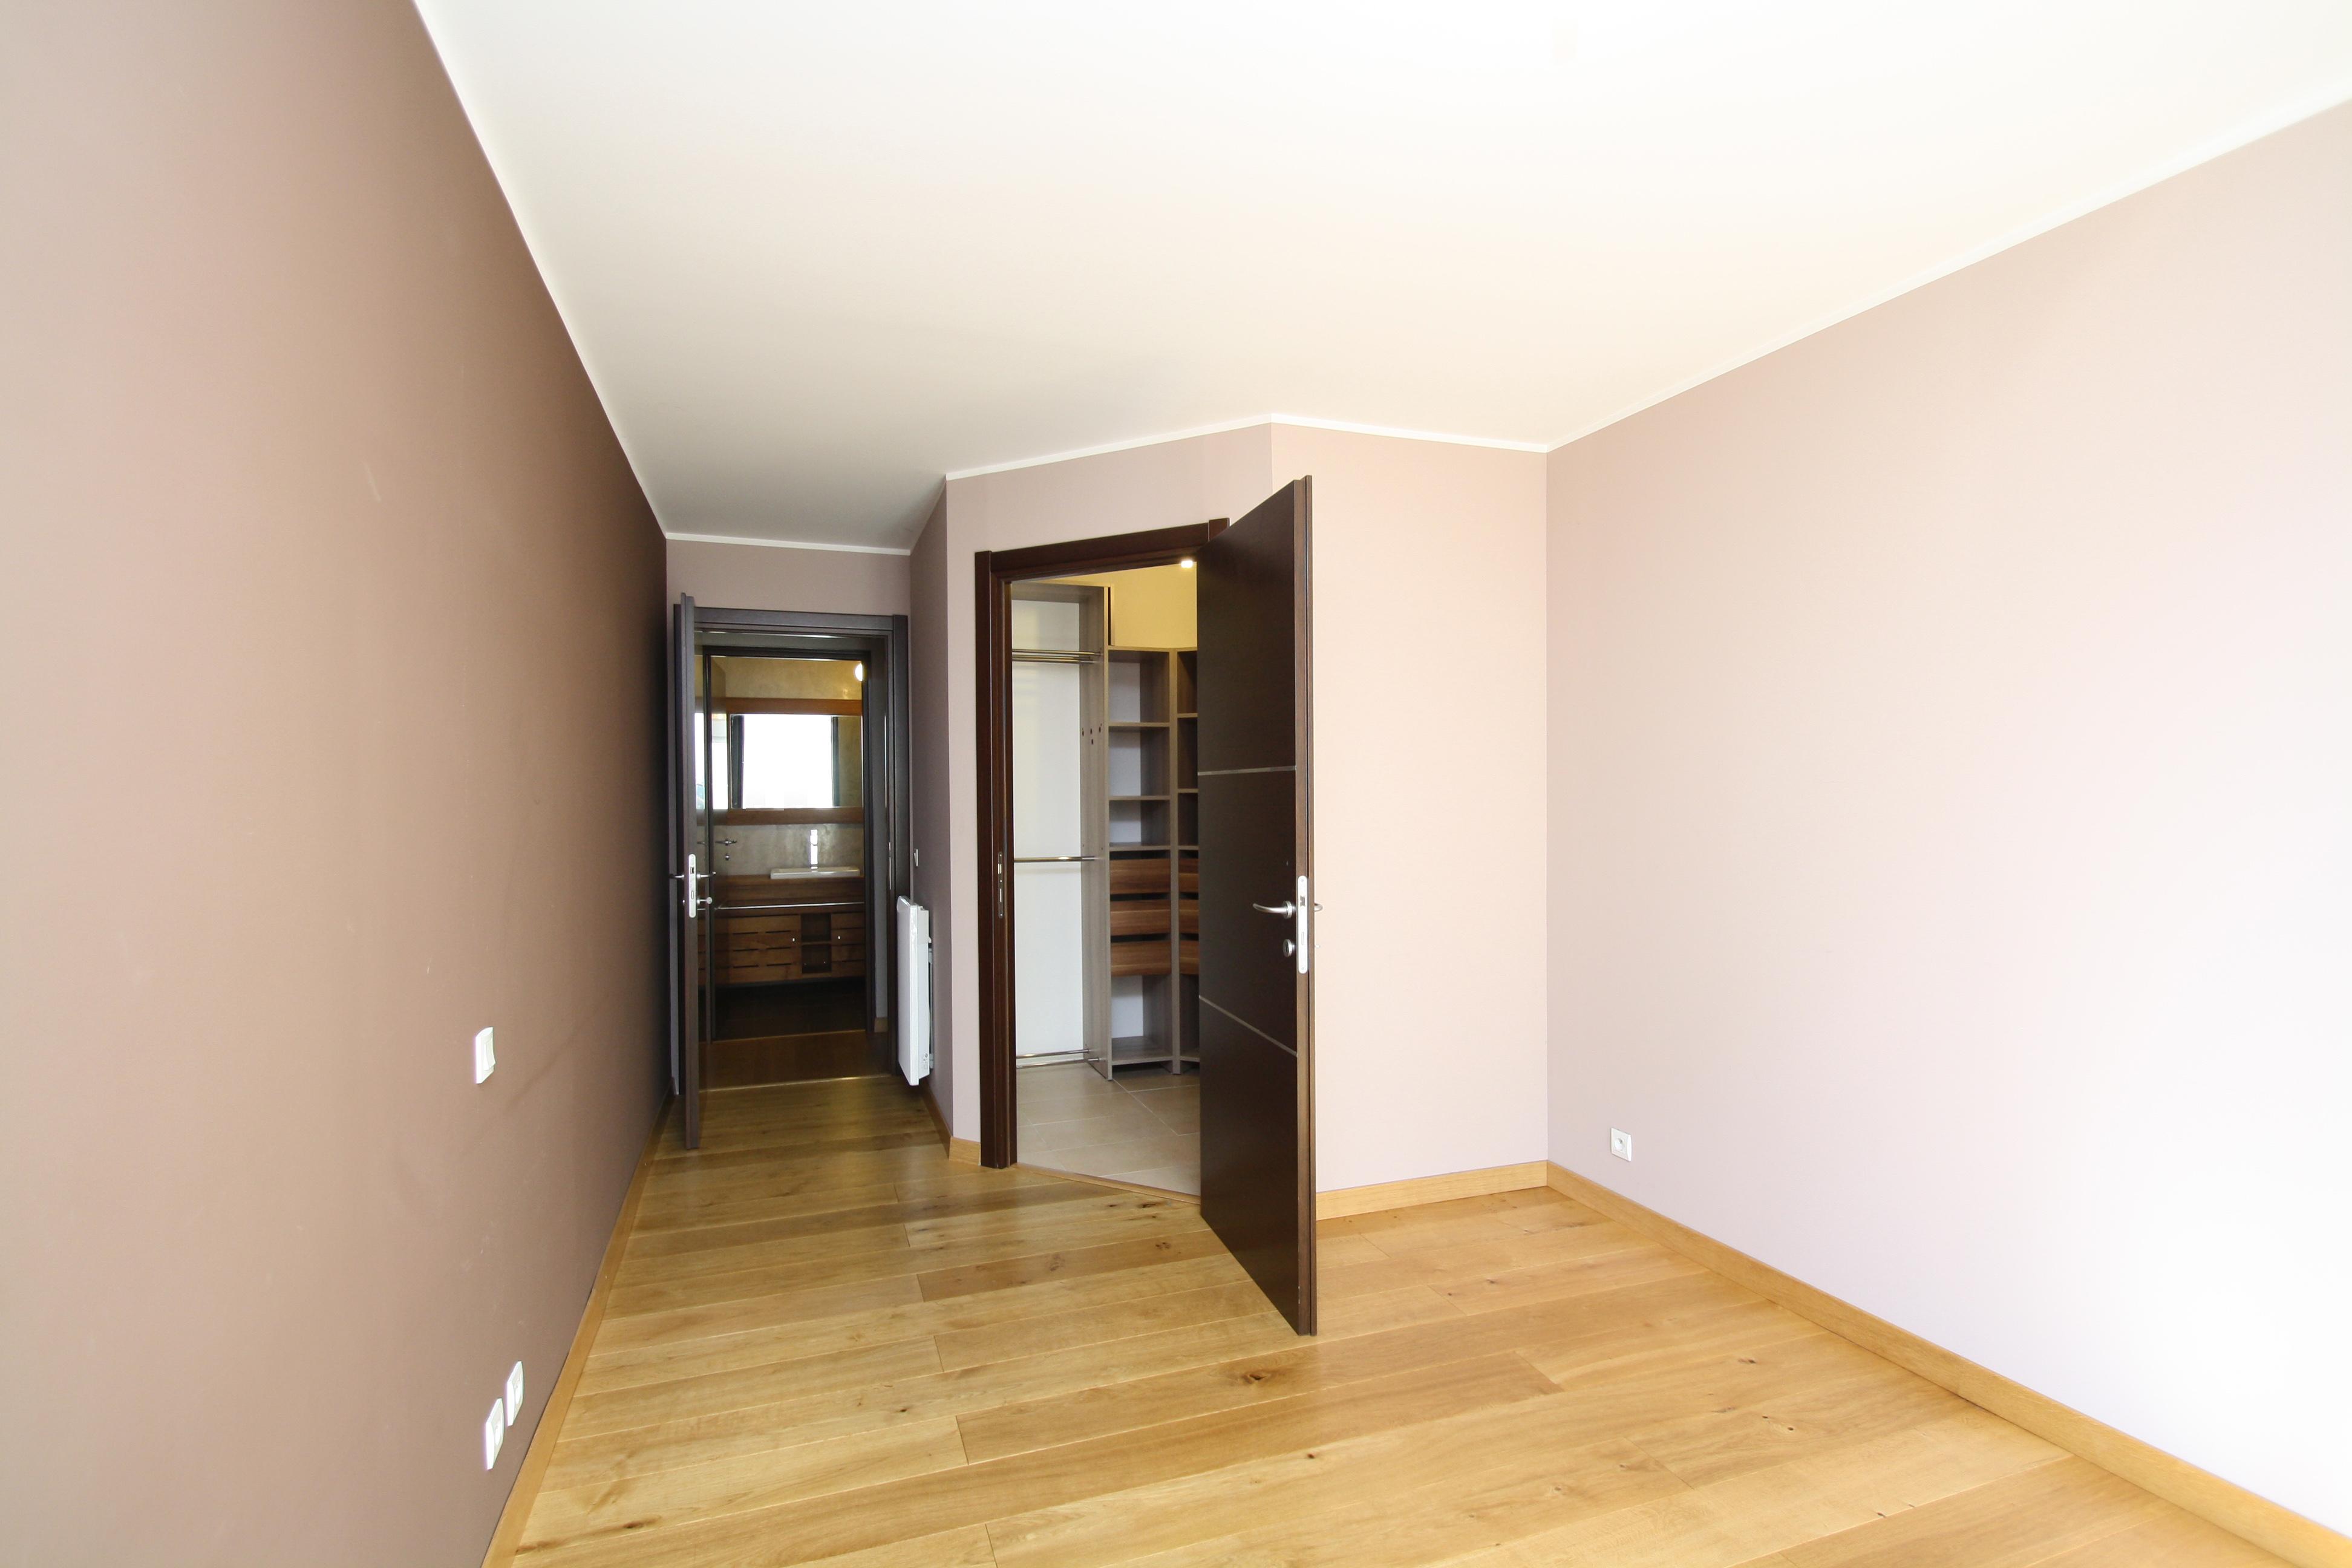 t3 bastia hauteurs agence immobili re bastia avec localisimmo agence immobili re bastia avec. Black Bedroom Furniture Sets. Home Design Ideas